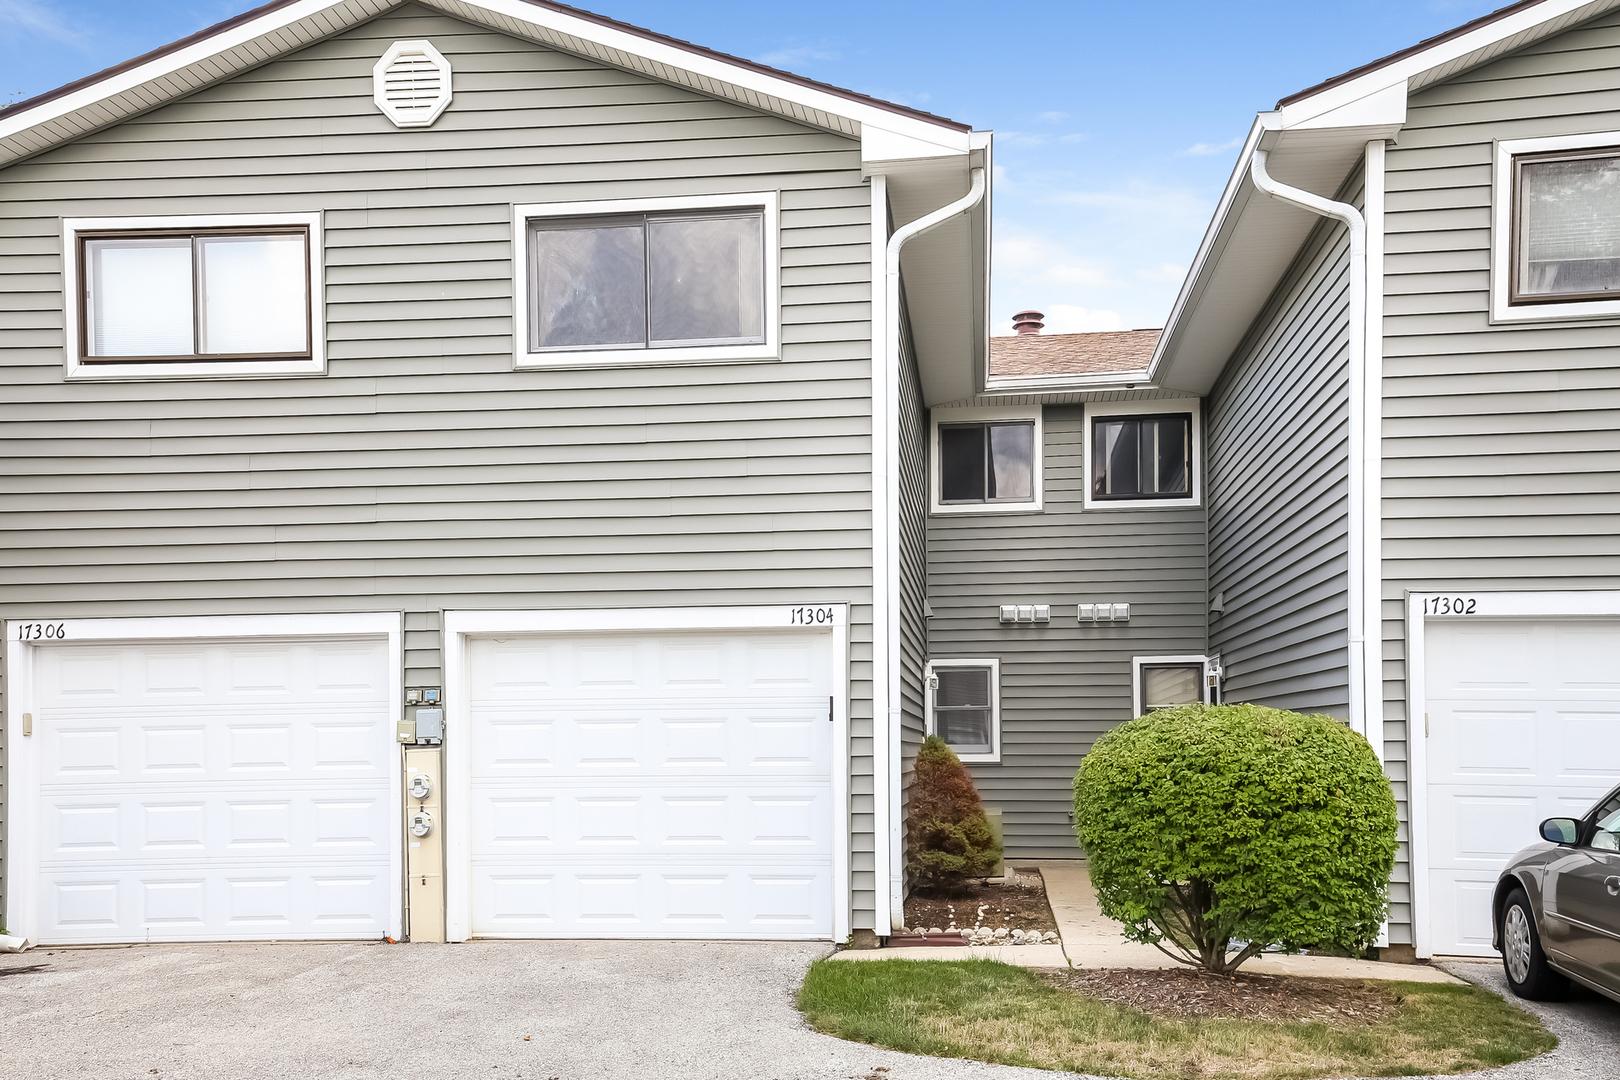 17304 West Maple Lane, Gurnee, Illinois 60031